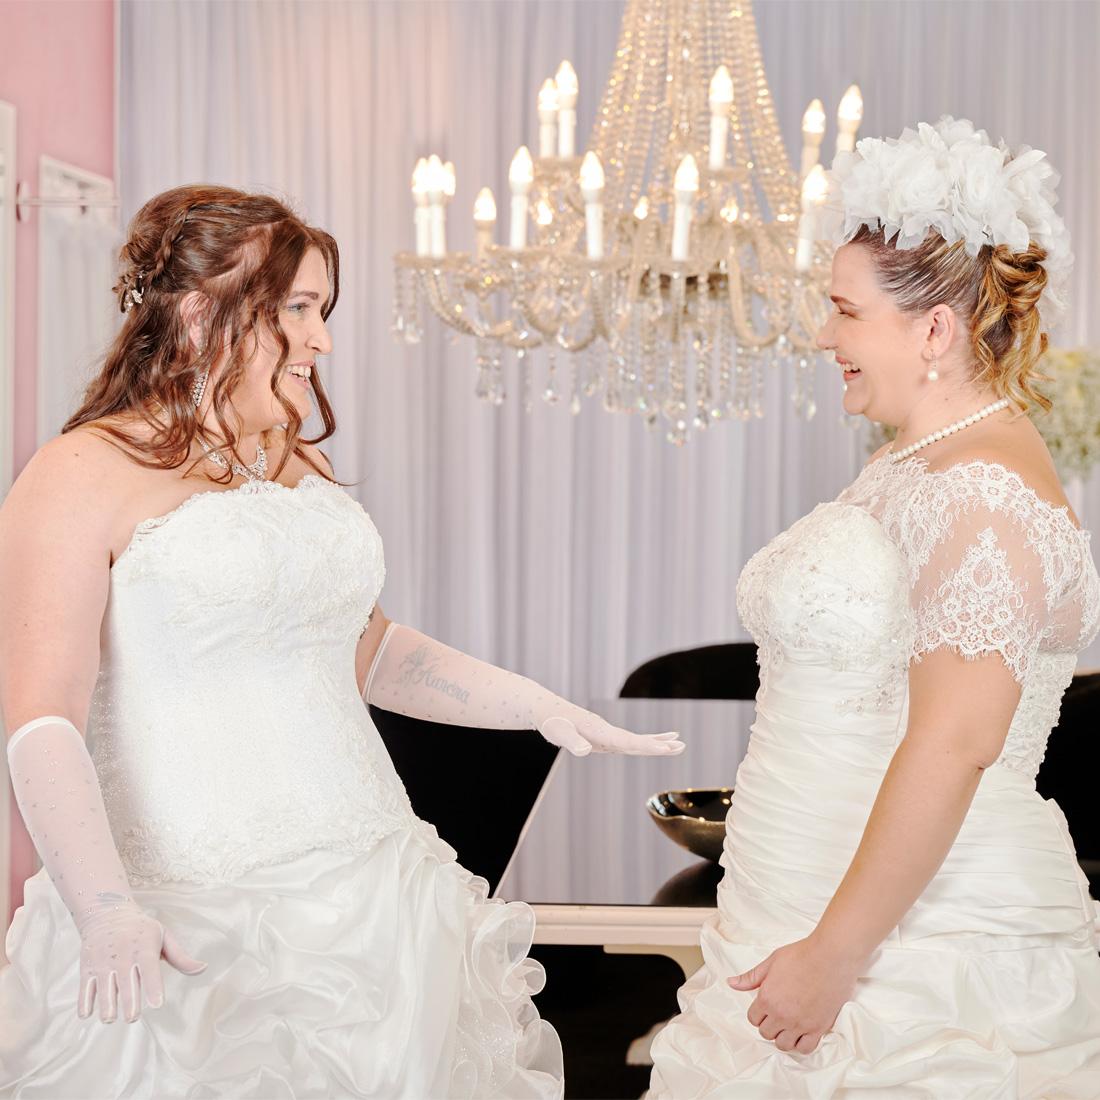 Vestiti Da Sposa Taglia 44.I Migliori Consigli Di Milena Per L Acquisto Di Un Abito Da Sposa